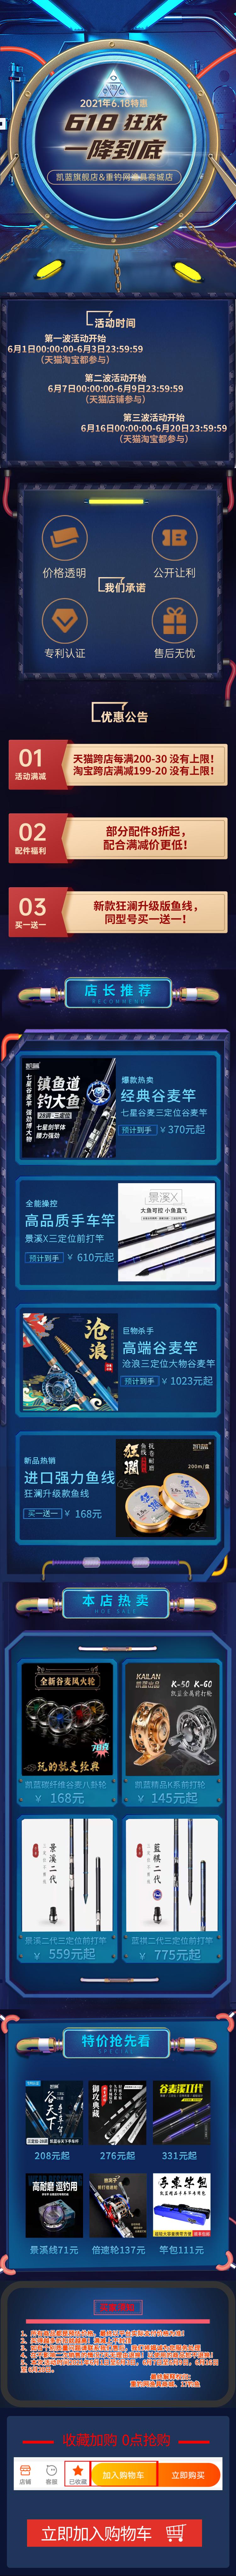 造物节_活动促销_科技风_数码家电_店铺首页.png